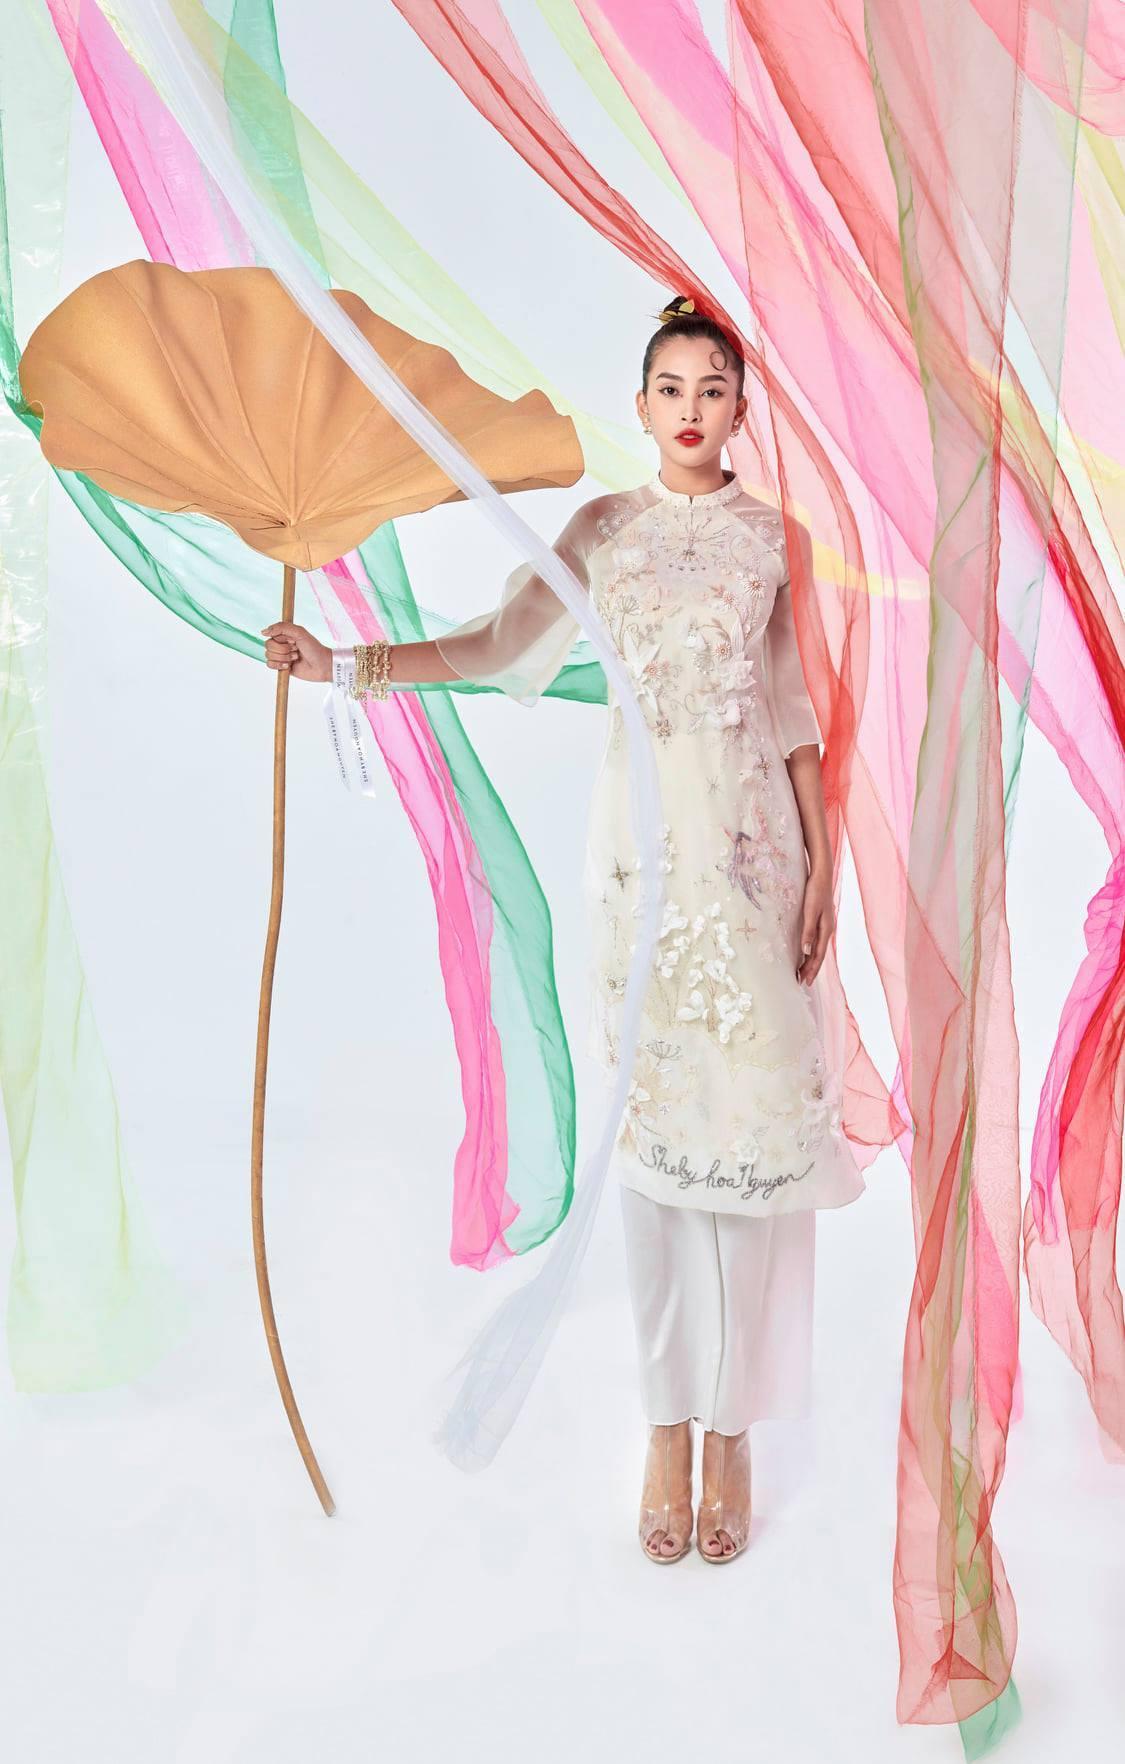 Hoa hậu Tiểu Vy đa sắc màu trong bộ sưu tập mới